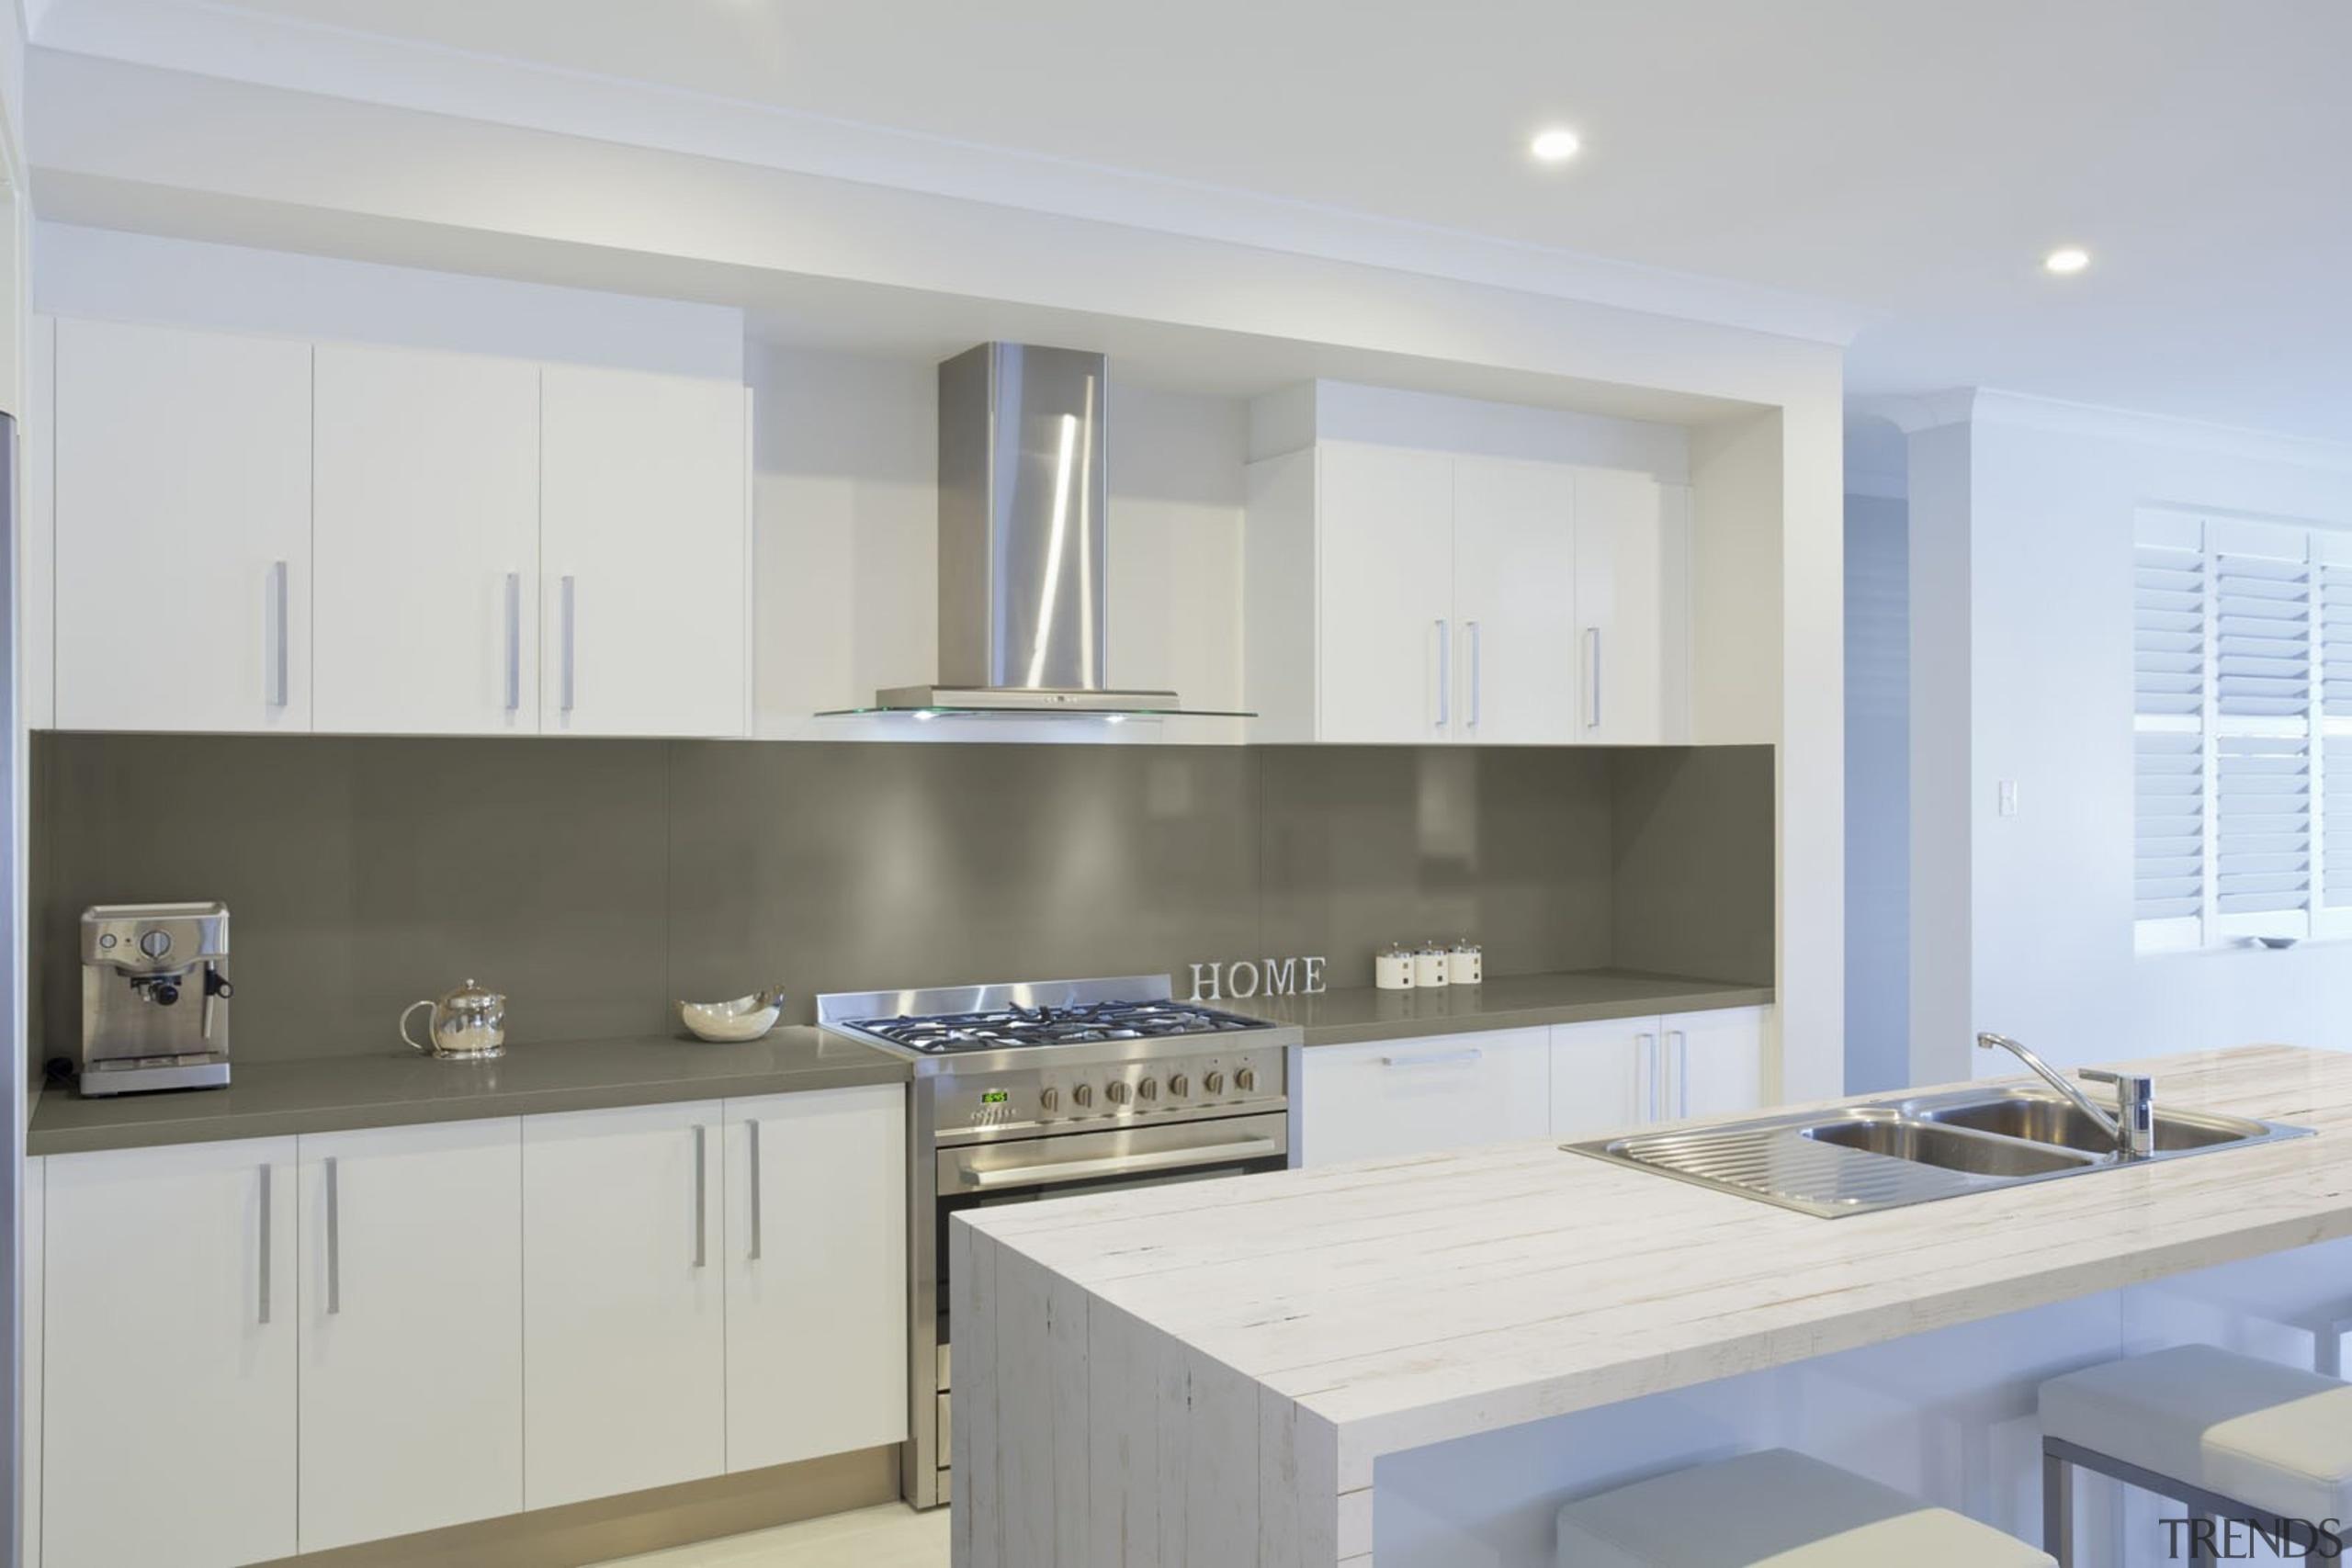 Dekton Kitchen Makai & Galema - Dekton Kitchen cabinetry, countertop, cuisine classique, interior design, kitchen, real estate, room, gray